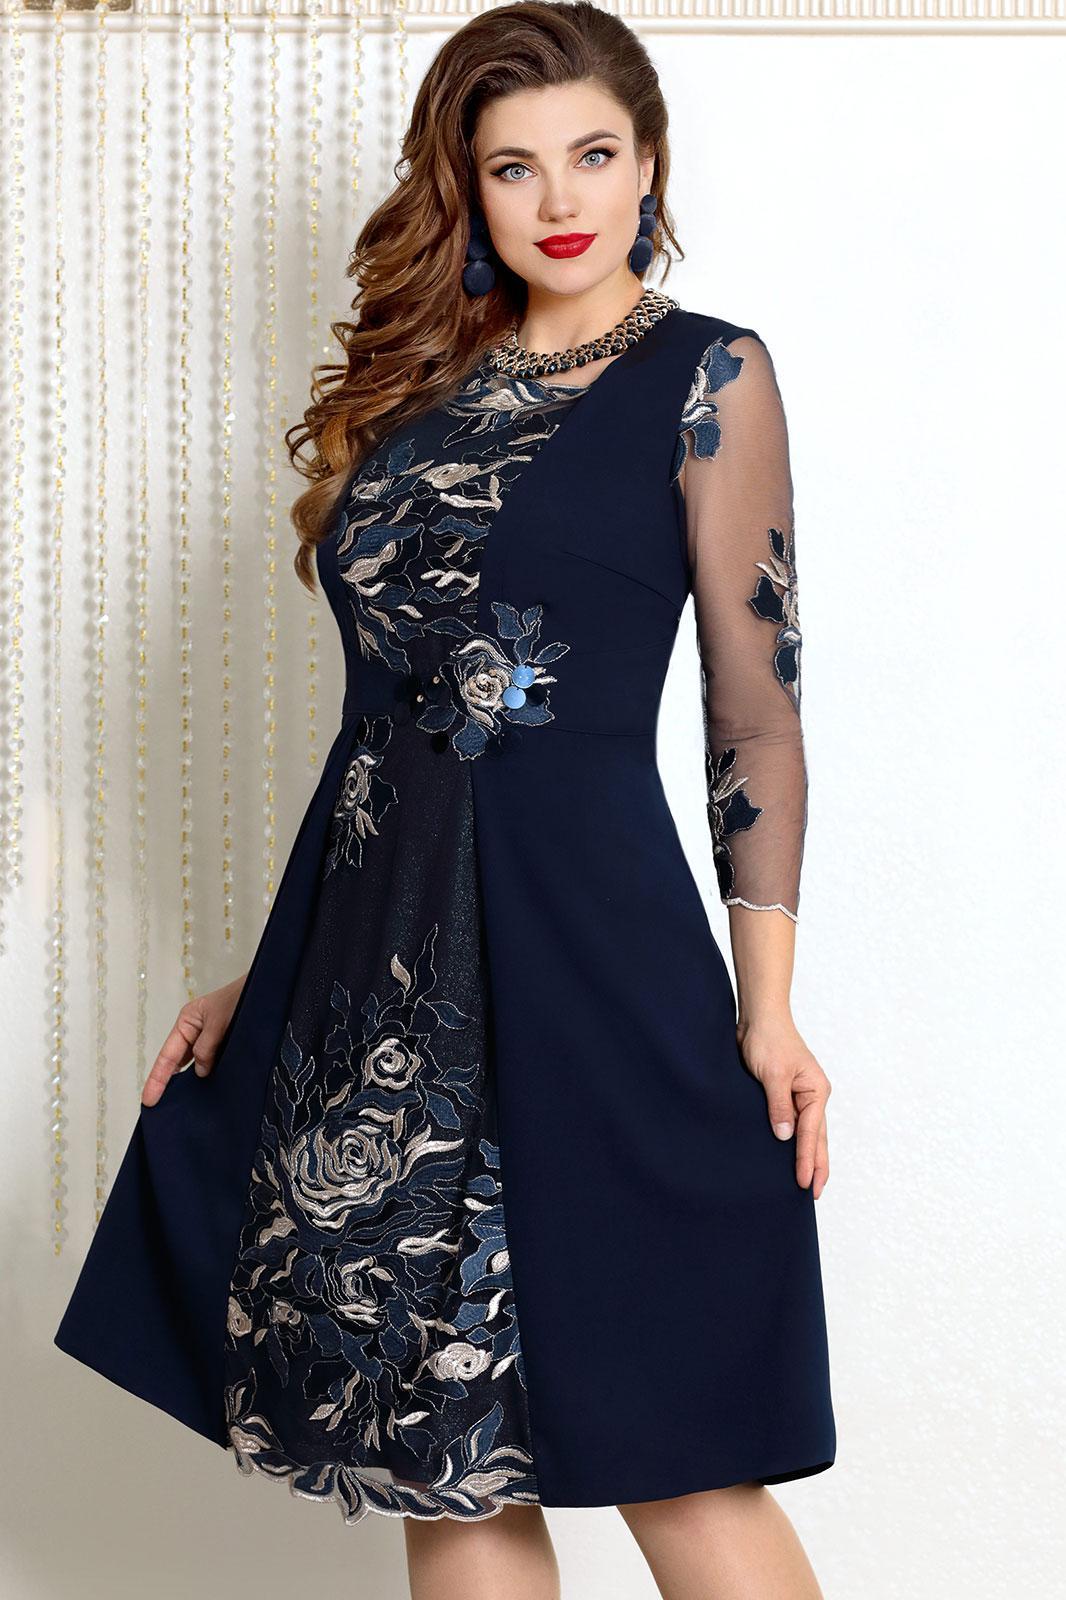 Купить Платье Vittoria Queen, 7593 тёмно-синий, Беларусь